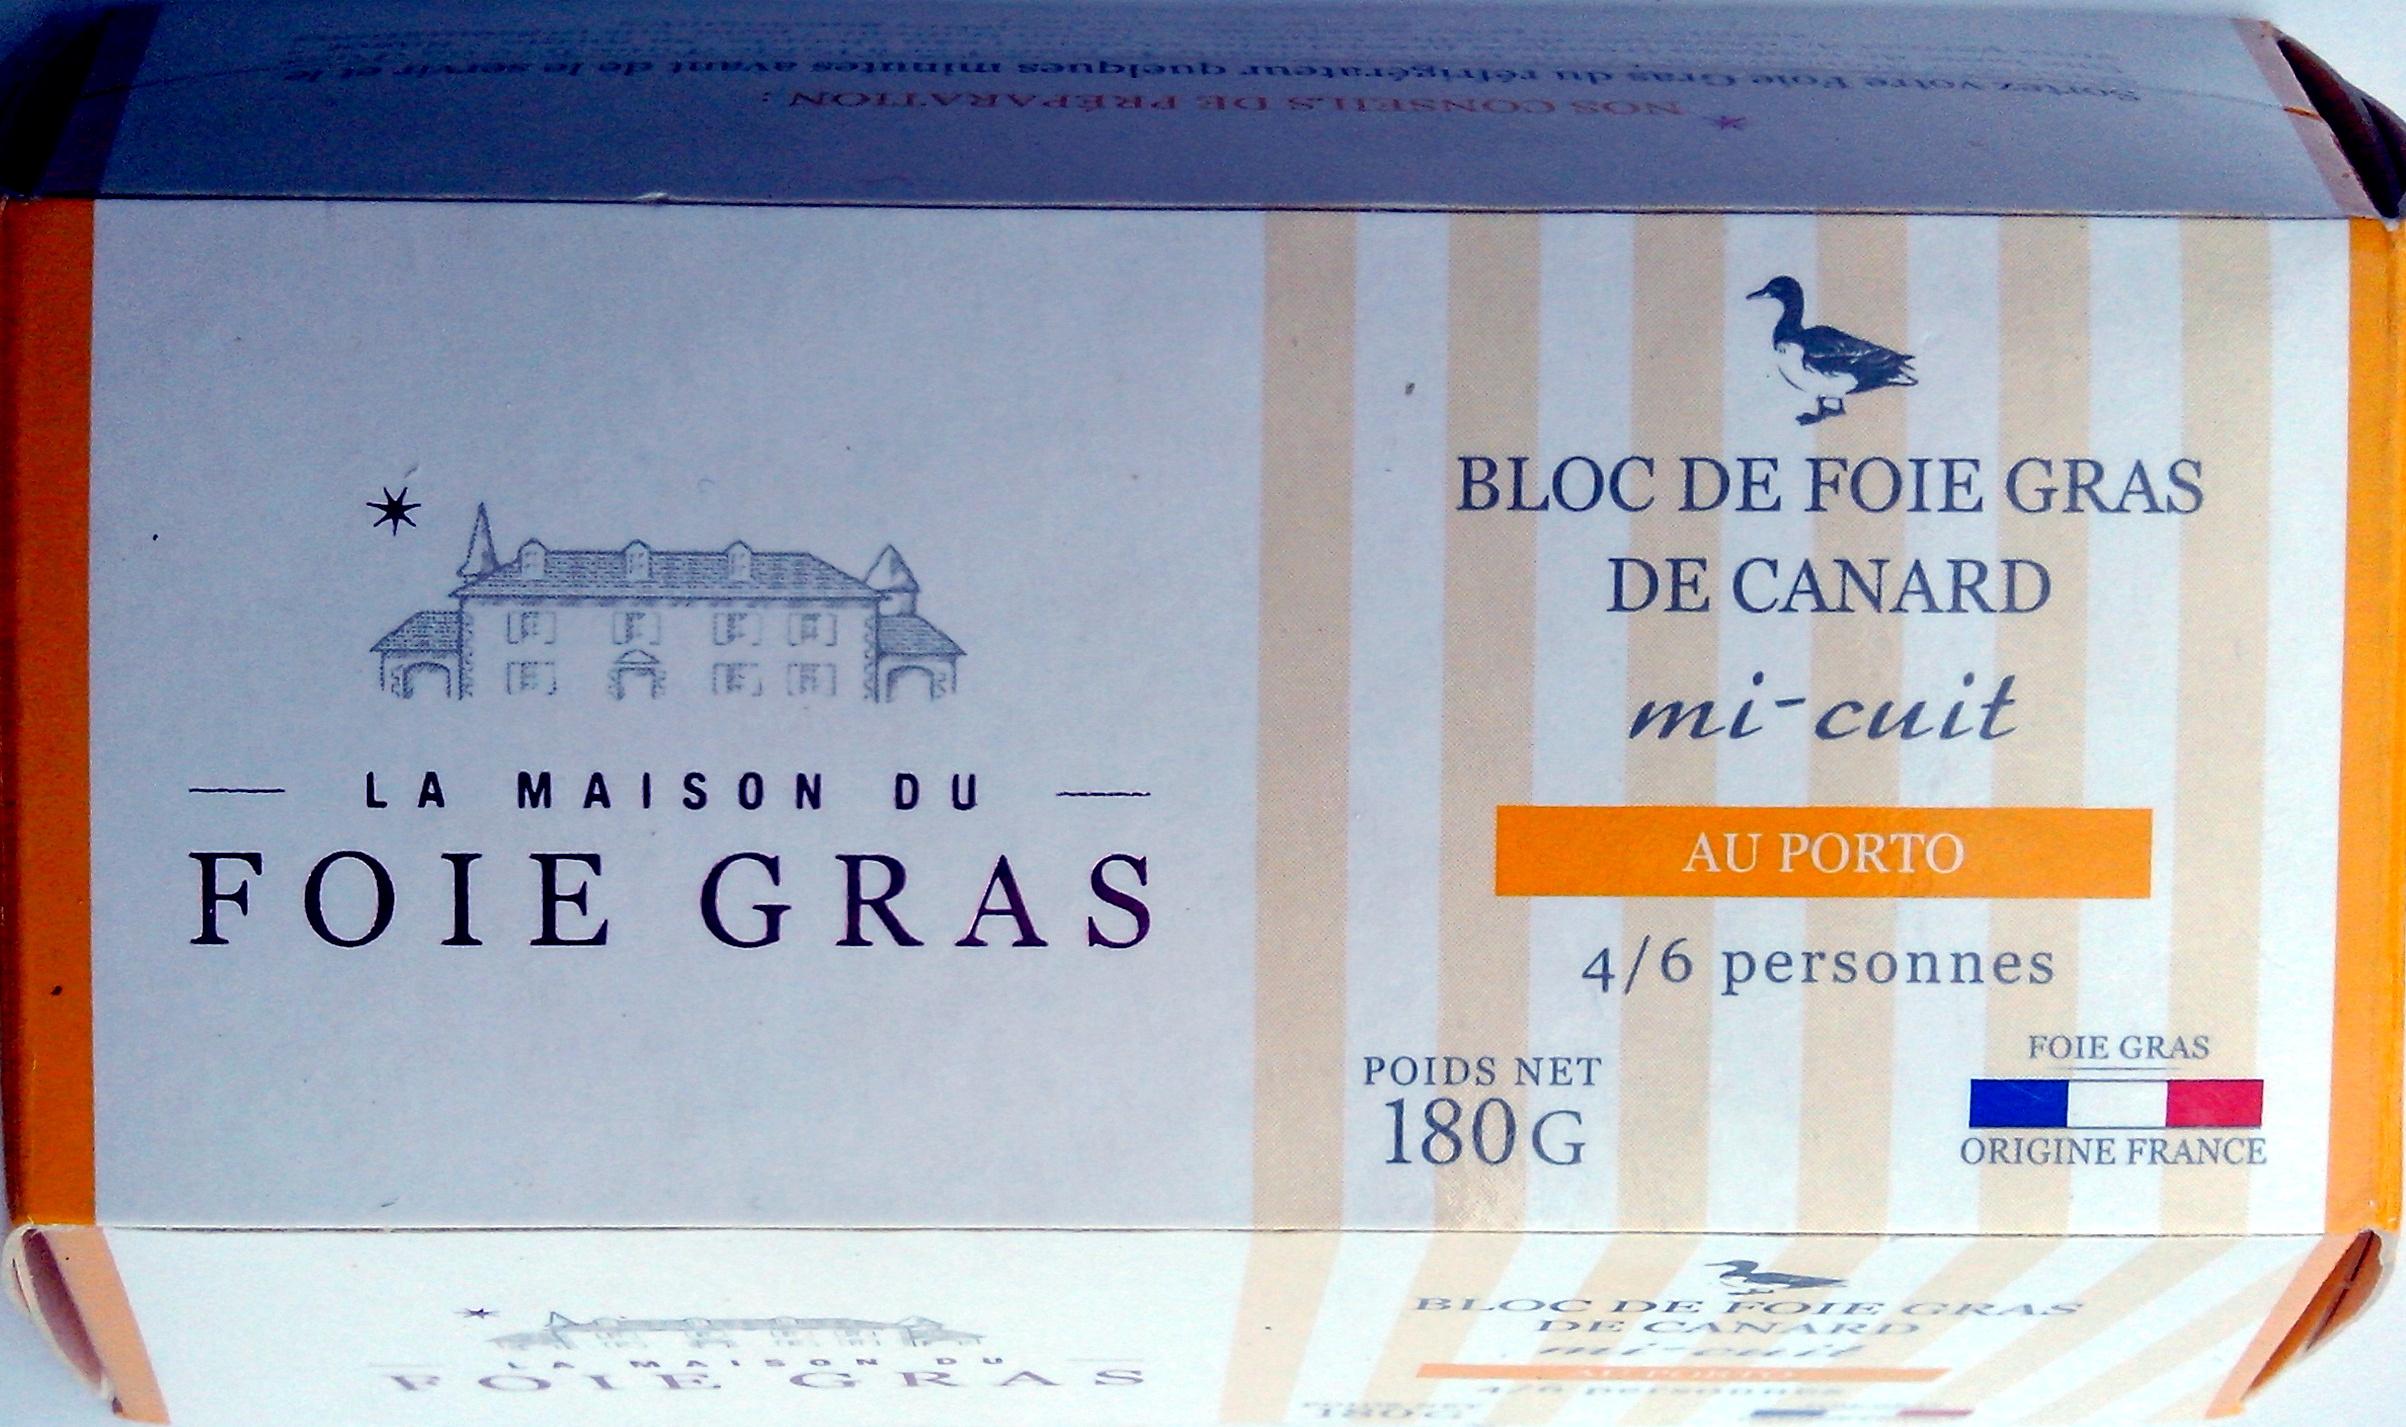 bloc de foie gras de canard au porto la maison du foie. Black Bedroom Furniture Sets. Home Design Ideas